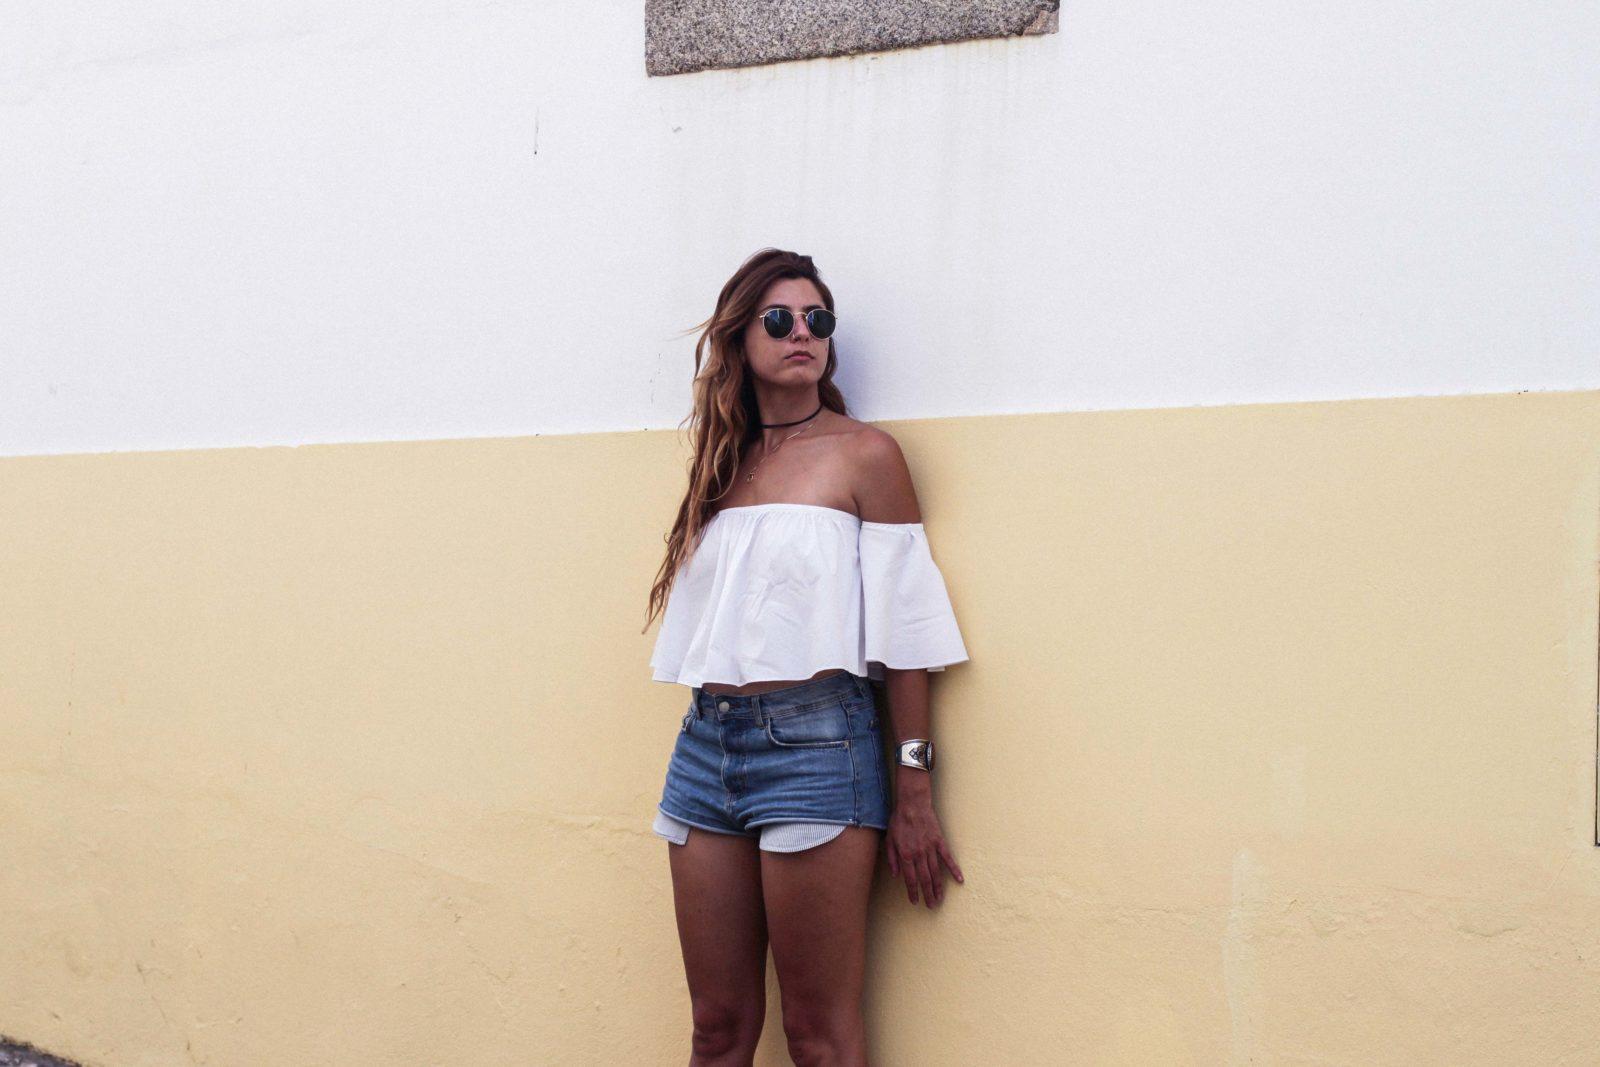 evora_portugal_shorts_top_hombros_al_aire_sandalias_isabel_marant-22